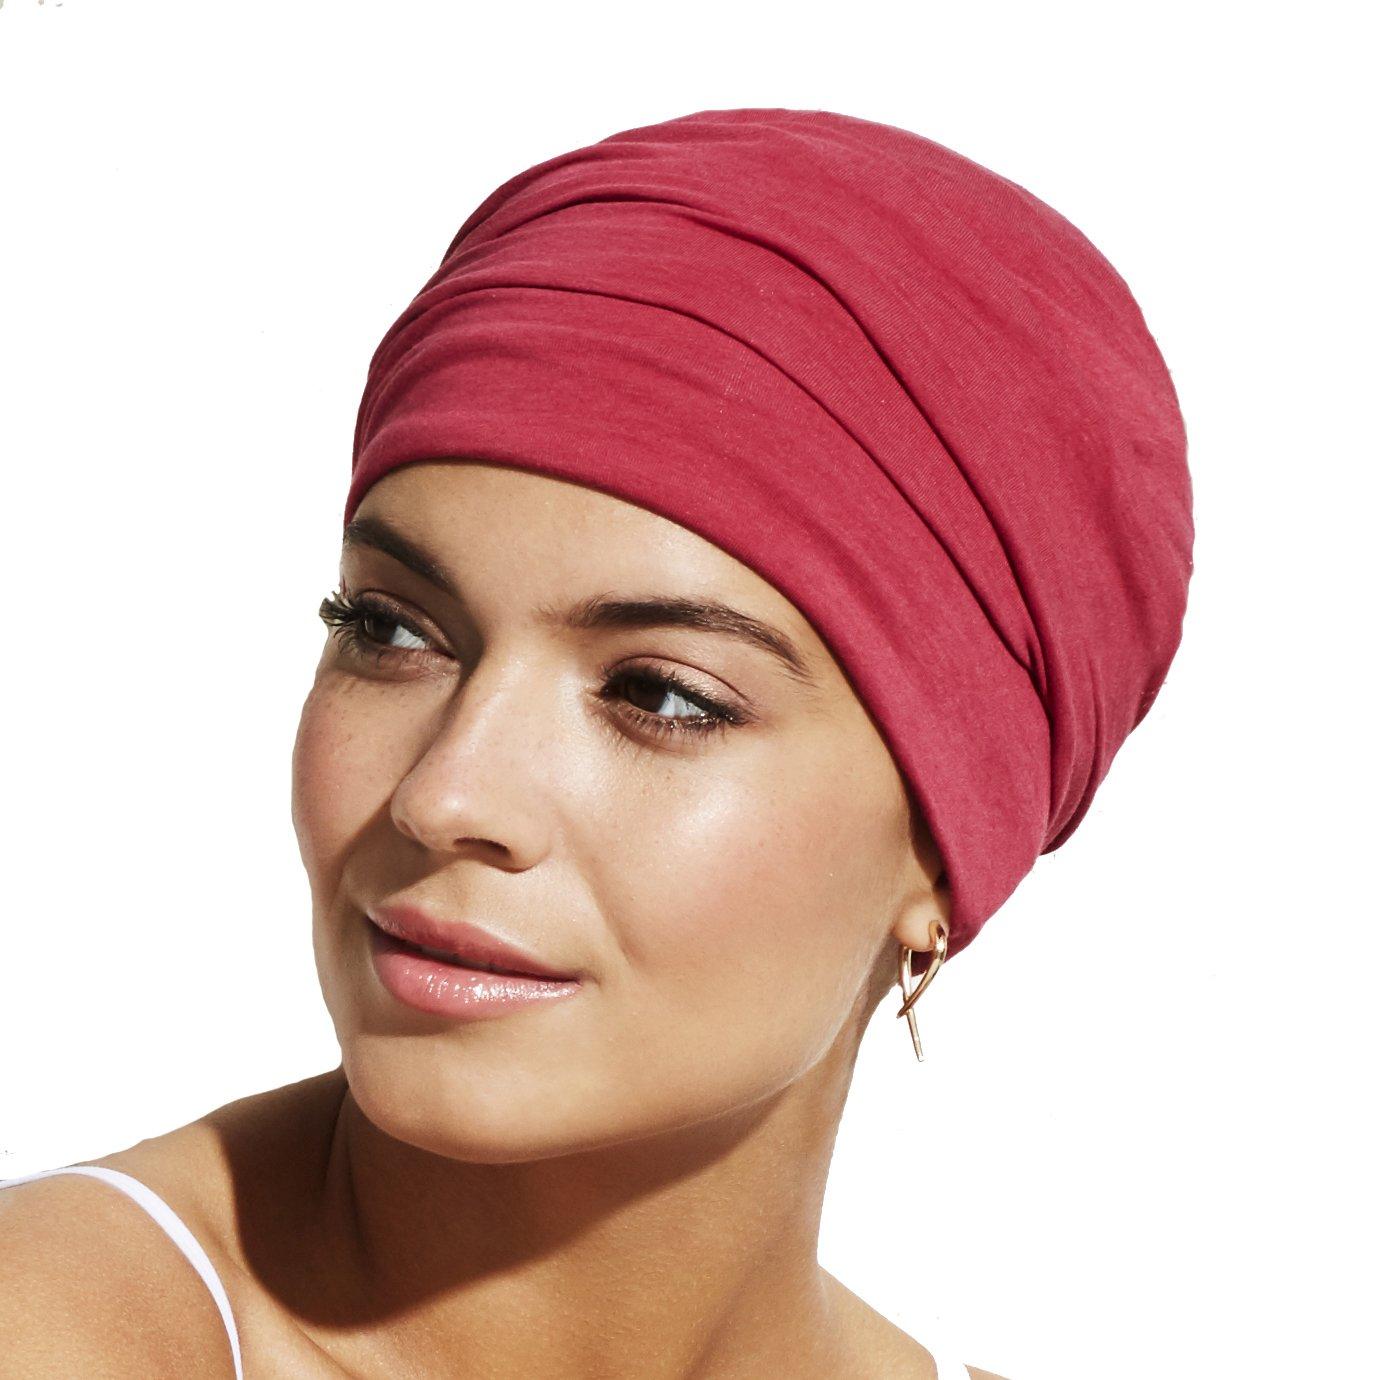 Gorro Zoya color rojo para mujeres con alopecia